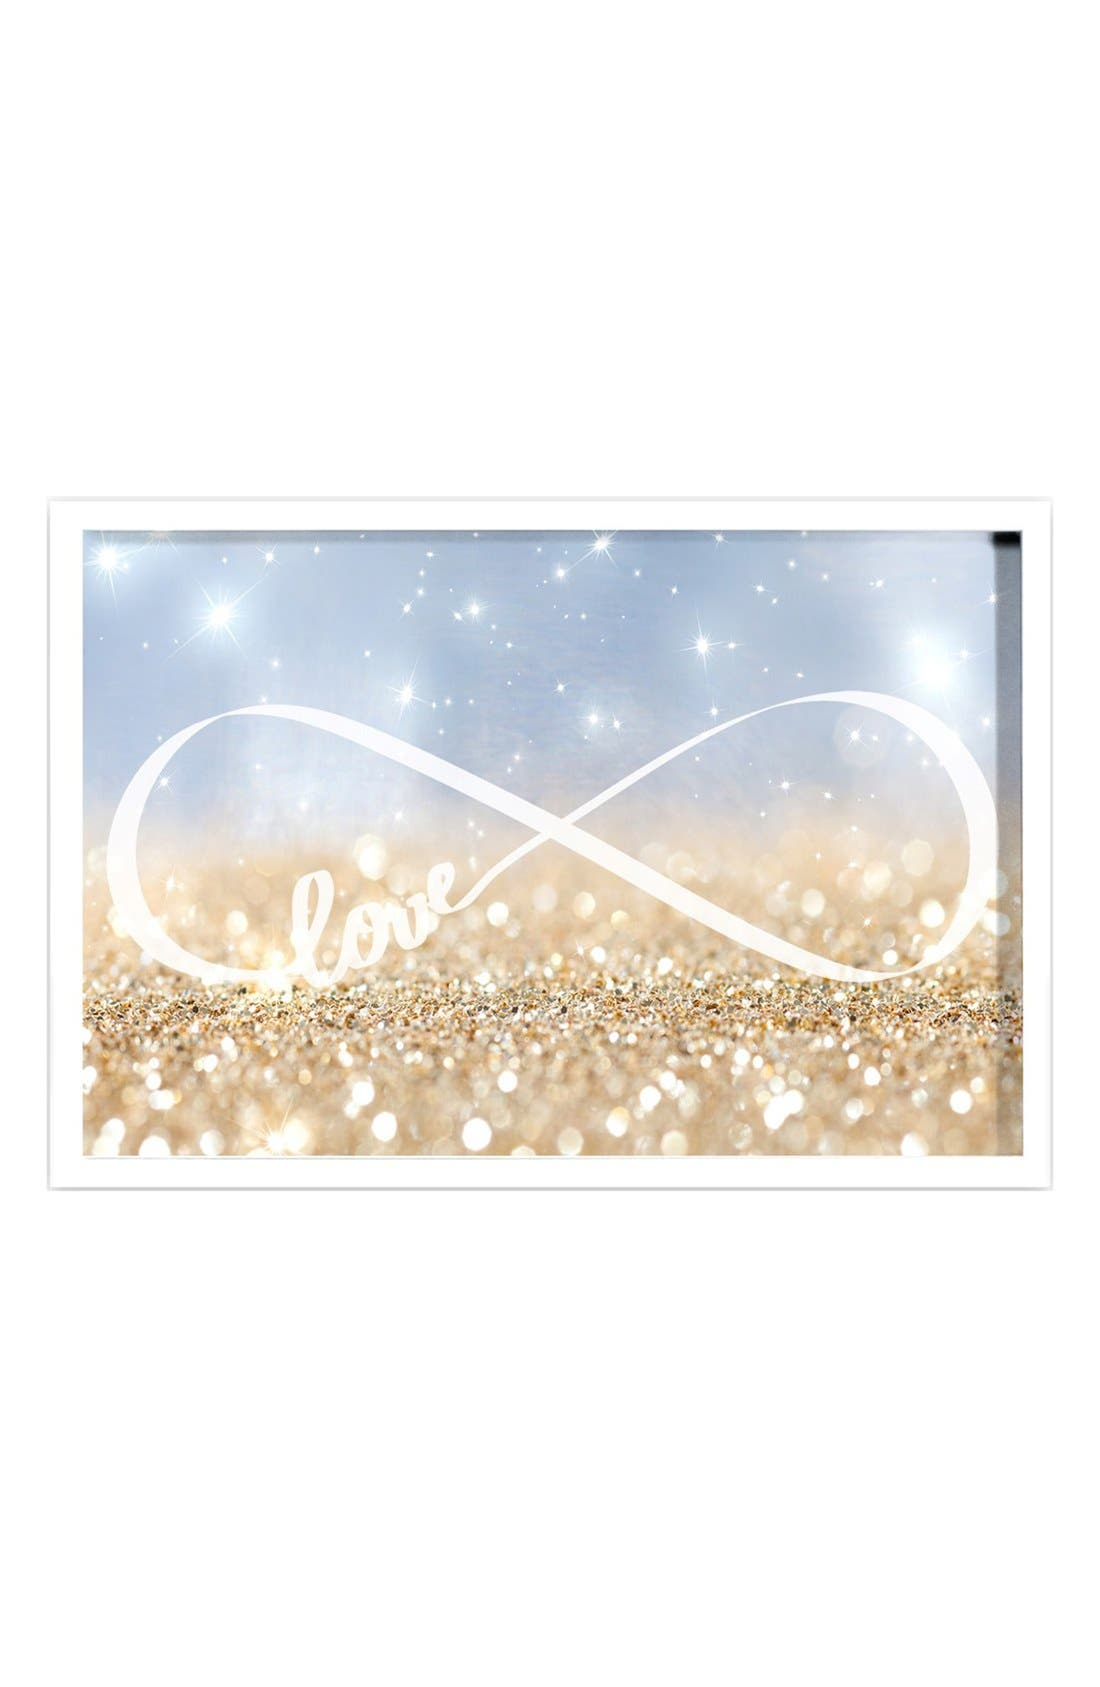 Alternate Image 1 Selected - Oliver Gal 'Sparkle Love' Framed Art Print